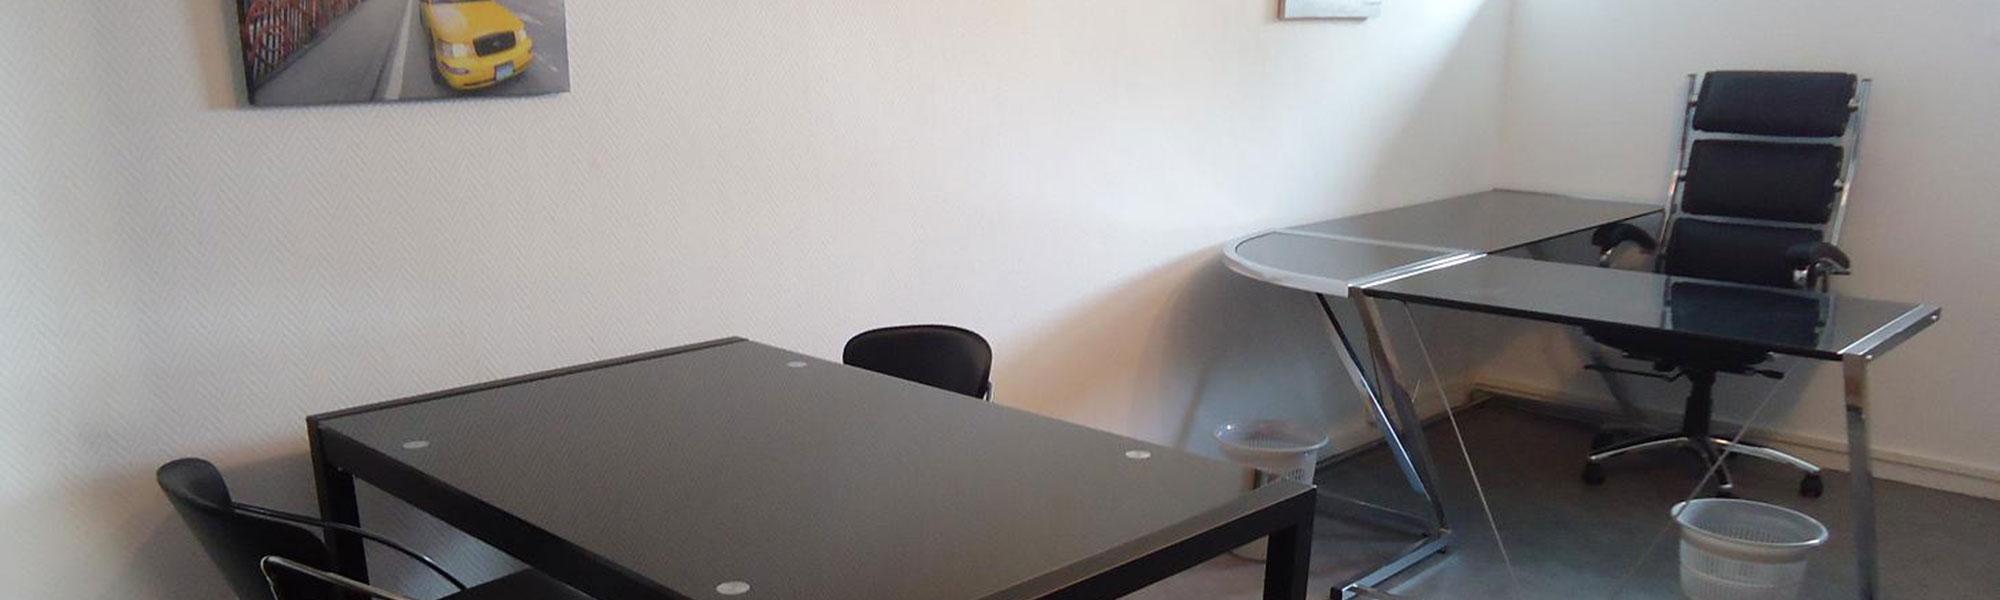 Nos centres d'affaires Luxembourg Ville Nord Rue de Bourgogne bureau du fond